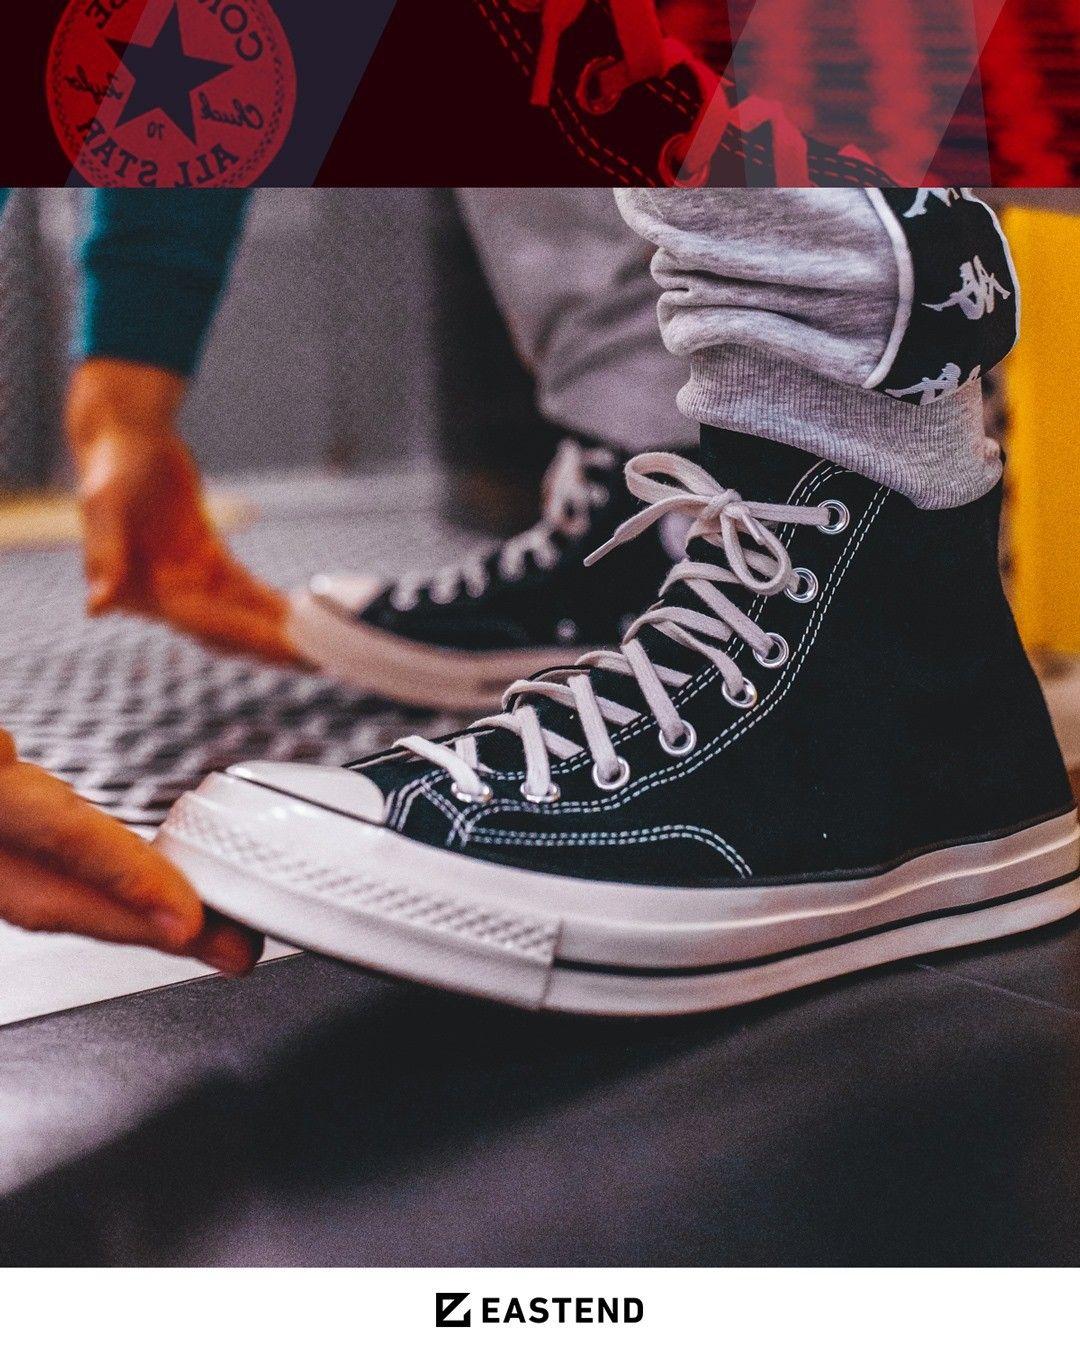 Okazja Goni Okazje Na Naszej Wyprzedazy Ceny Leca W Dol Az Do 75 Converse Sale Instasale Consy Cons Trampki Sn Converse Converse Sneaker Fashion